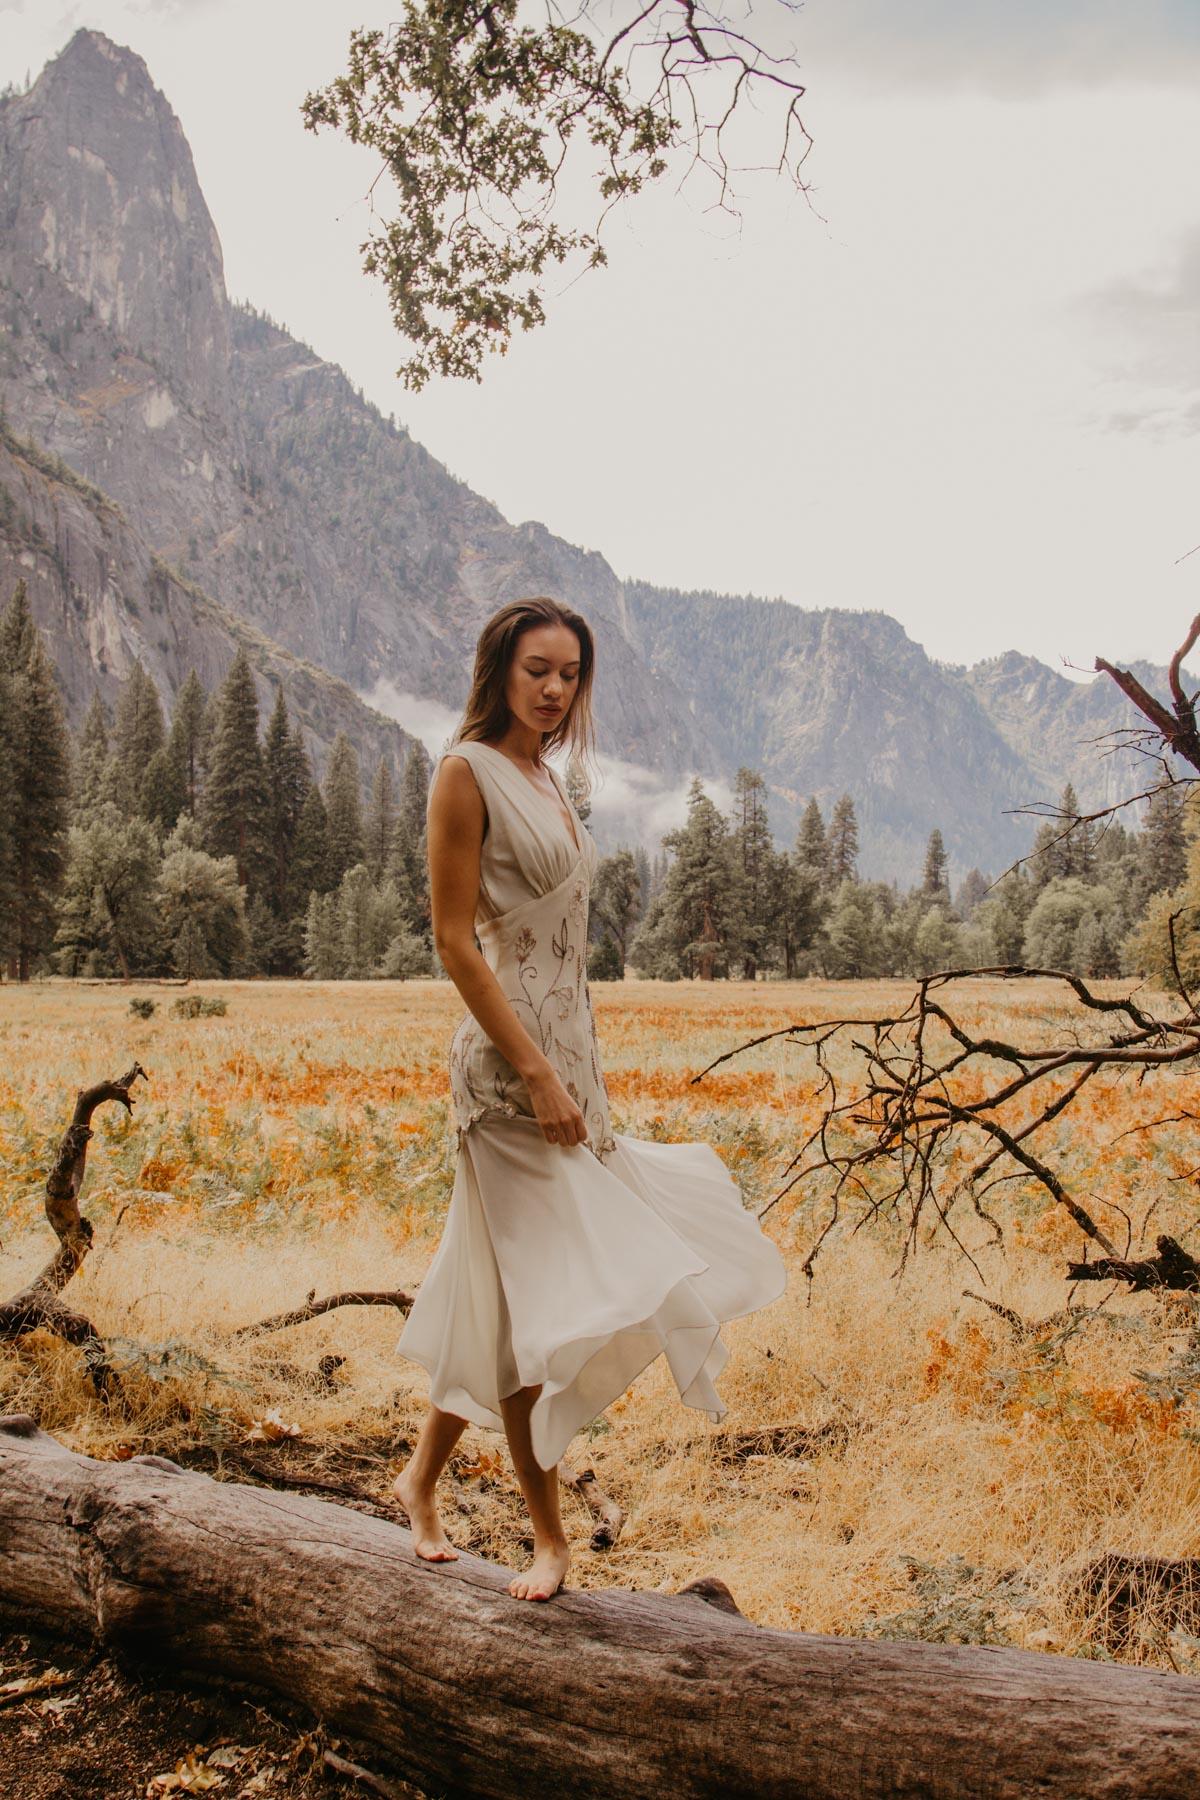 ACC-Yosemite-WebSize-1810073.jpg